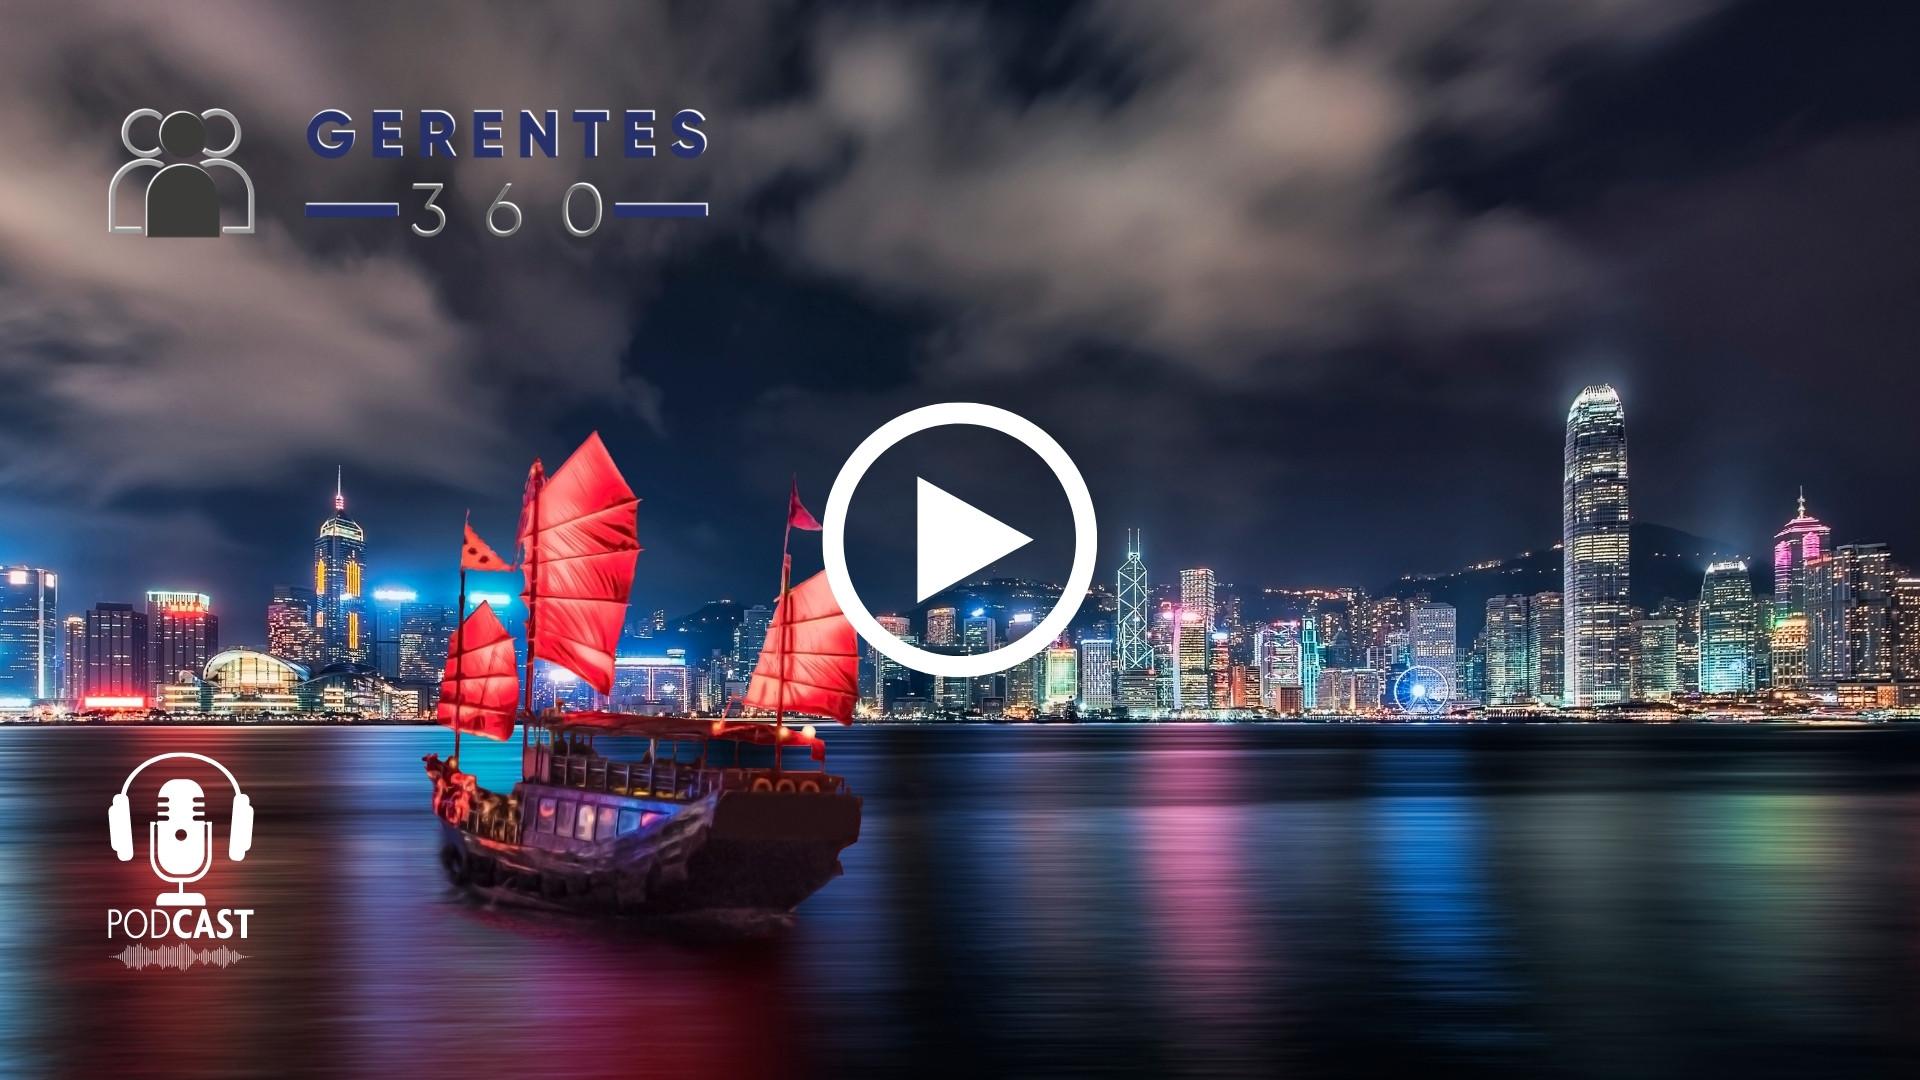 La acción de Moderna sube previo a su ingreso al S&P 500 y Estados Unidos sanciona a 7 funcionarios chinos